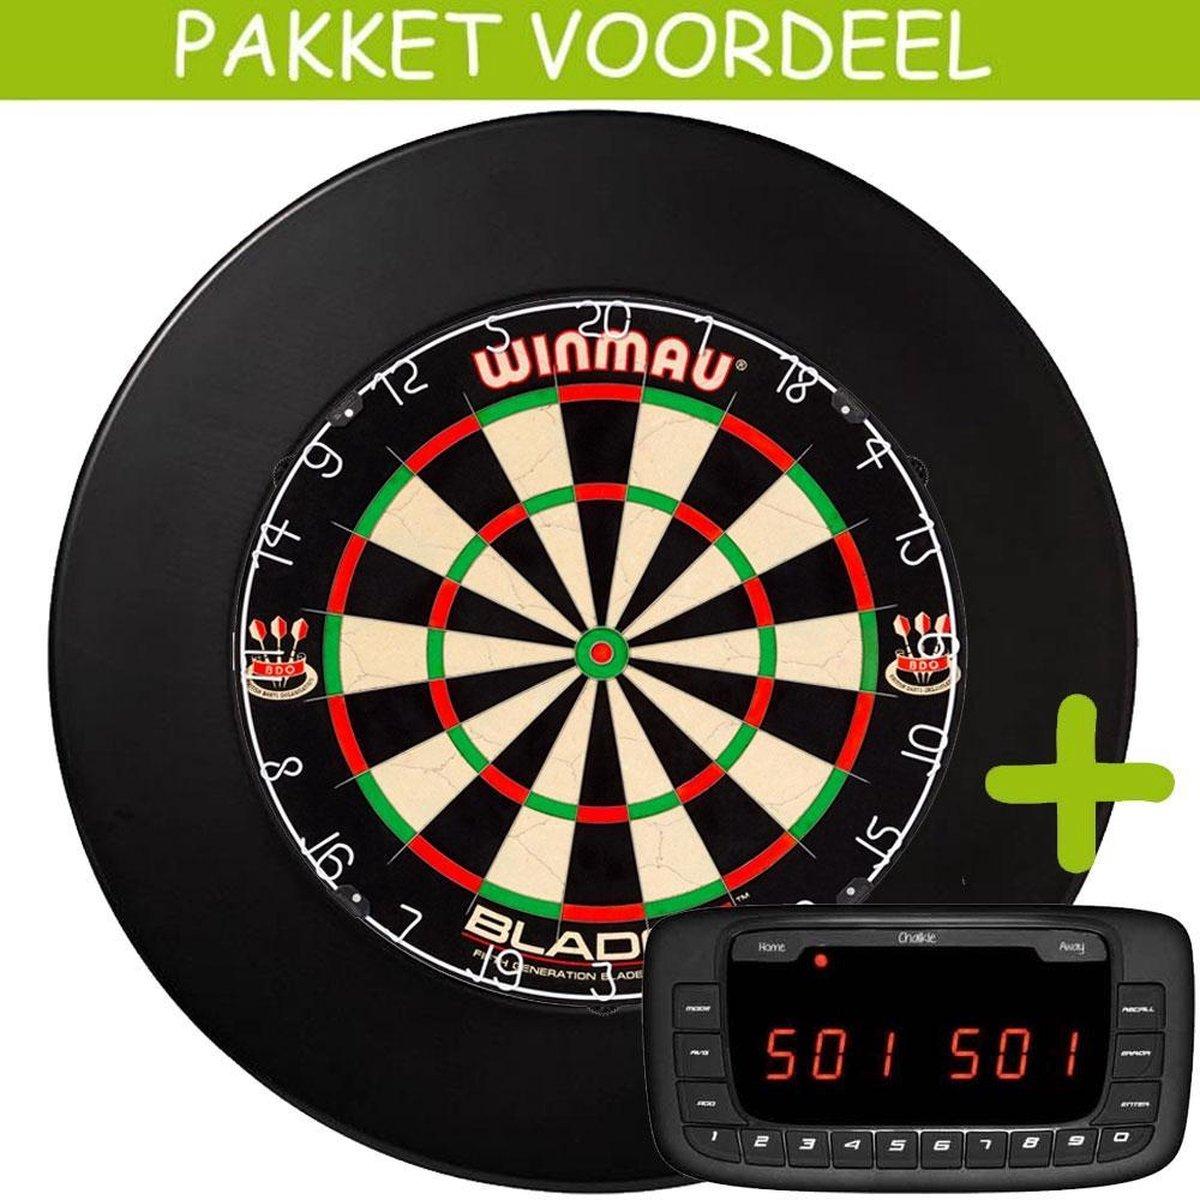 Elektronisch Dart Scorebord VoordeelPakket (Chalkie ) - Blade 5 - Rubberen Surround (Zwart)